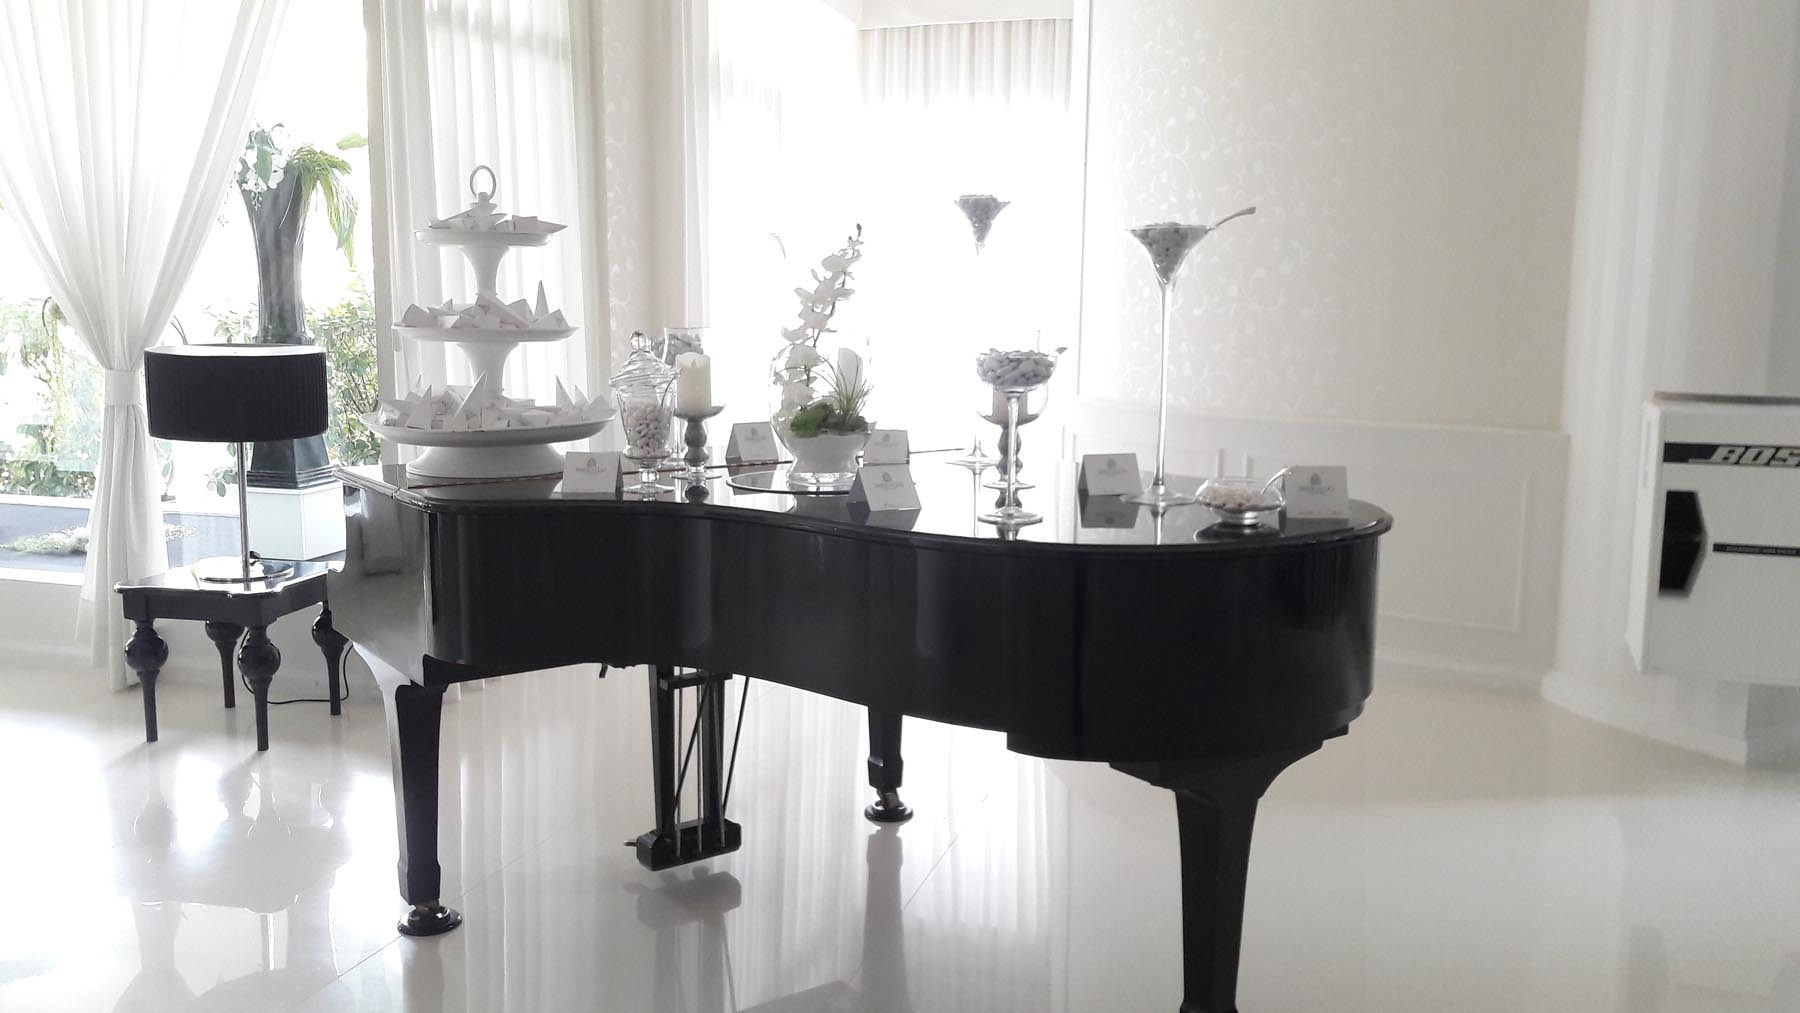 Dea Ebe Black e White in stile chanel (20)